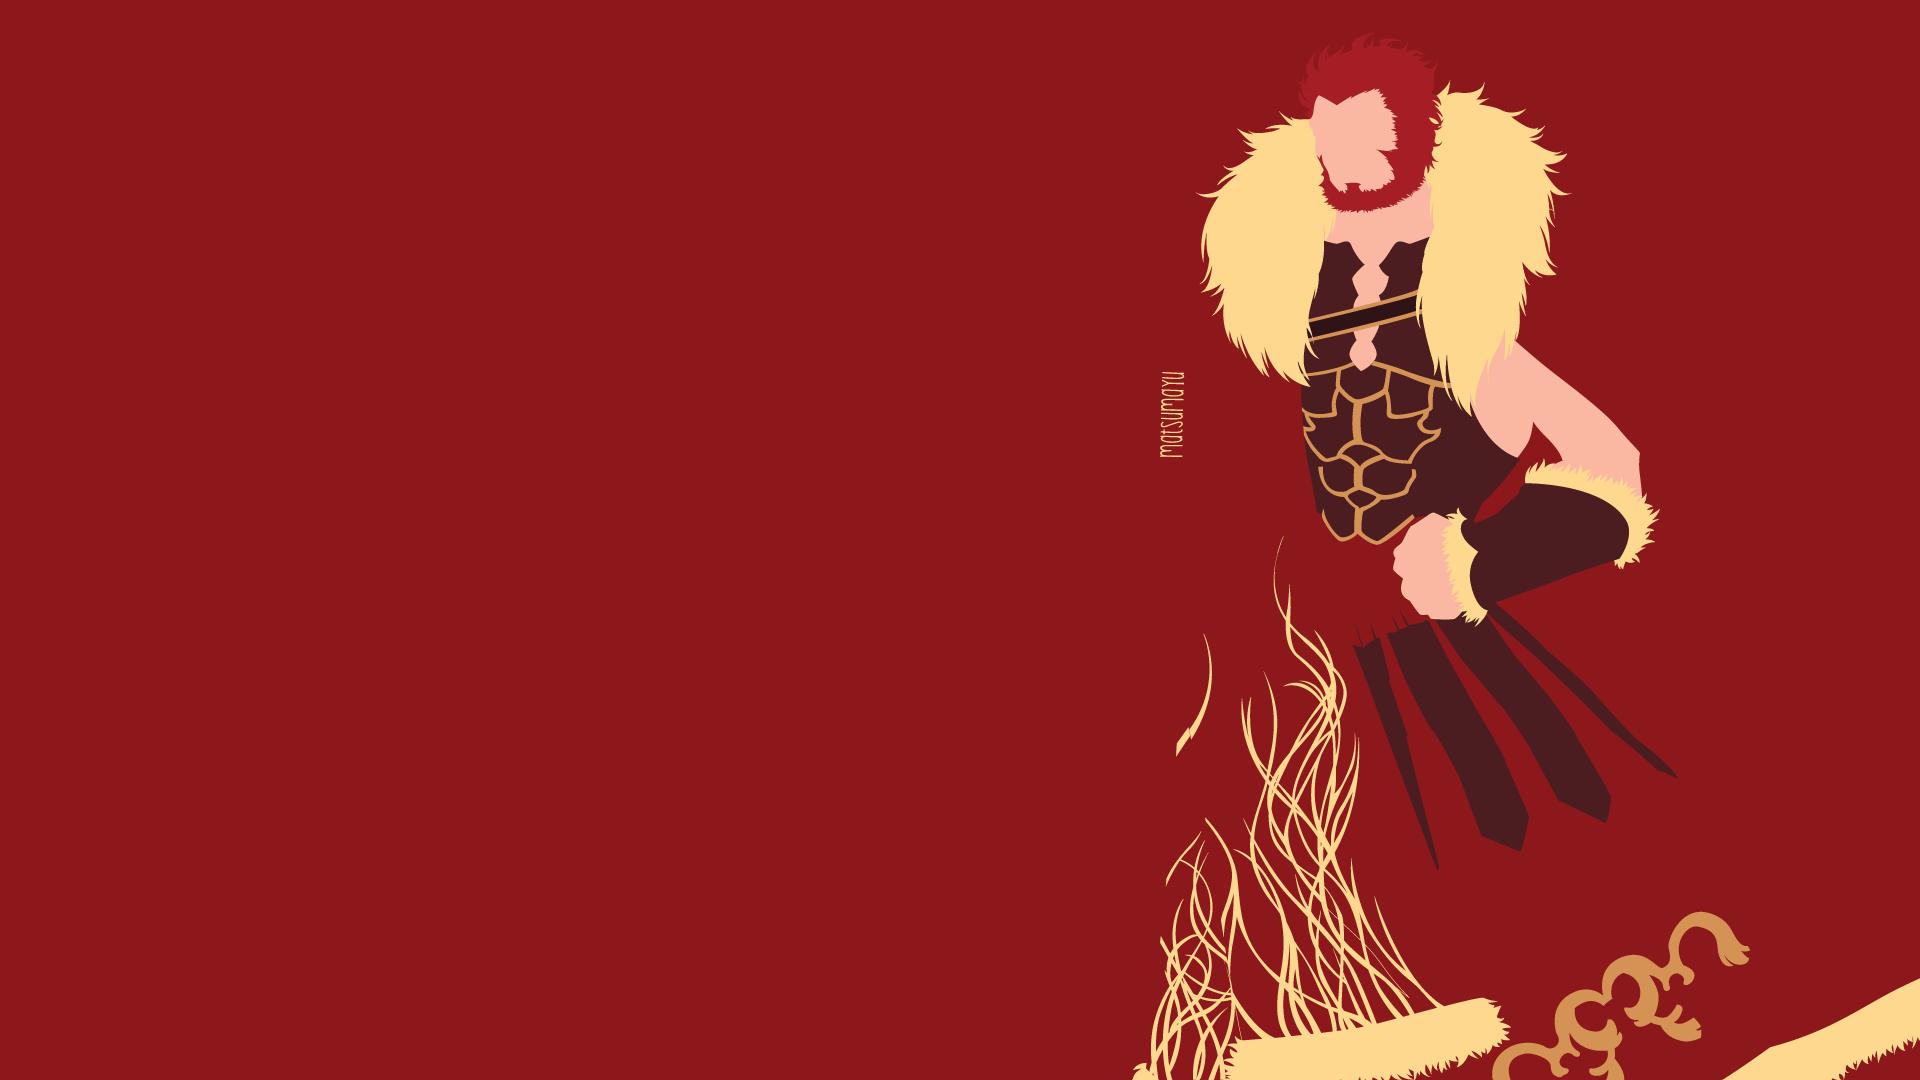 Fate Zero Hd Wallpaper Background Image 1920x1080 Id 962817